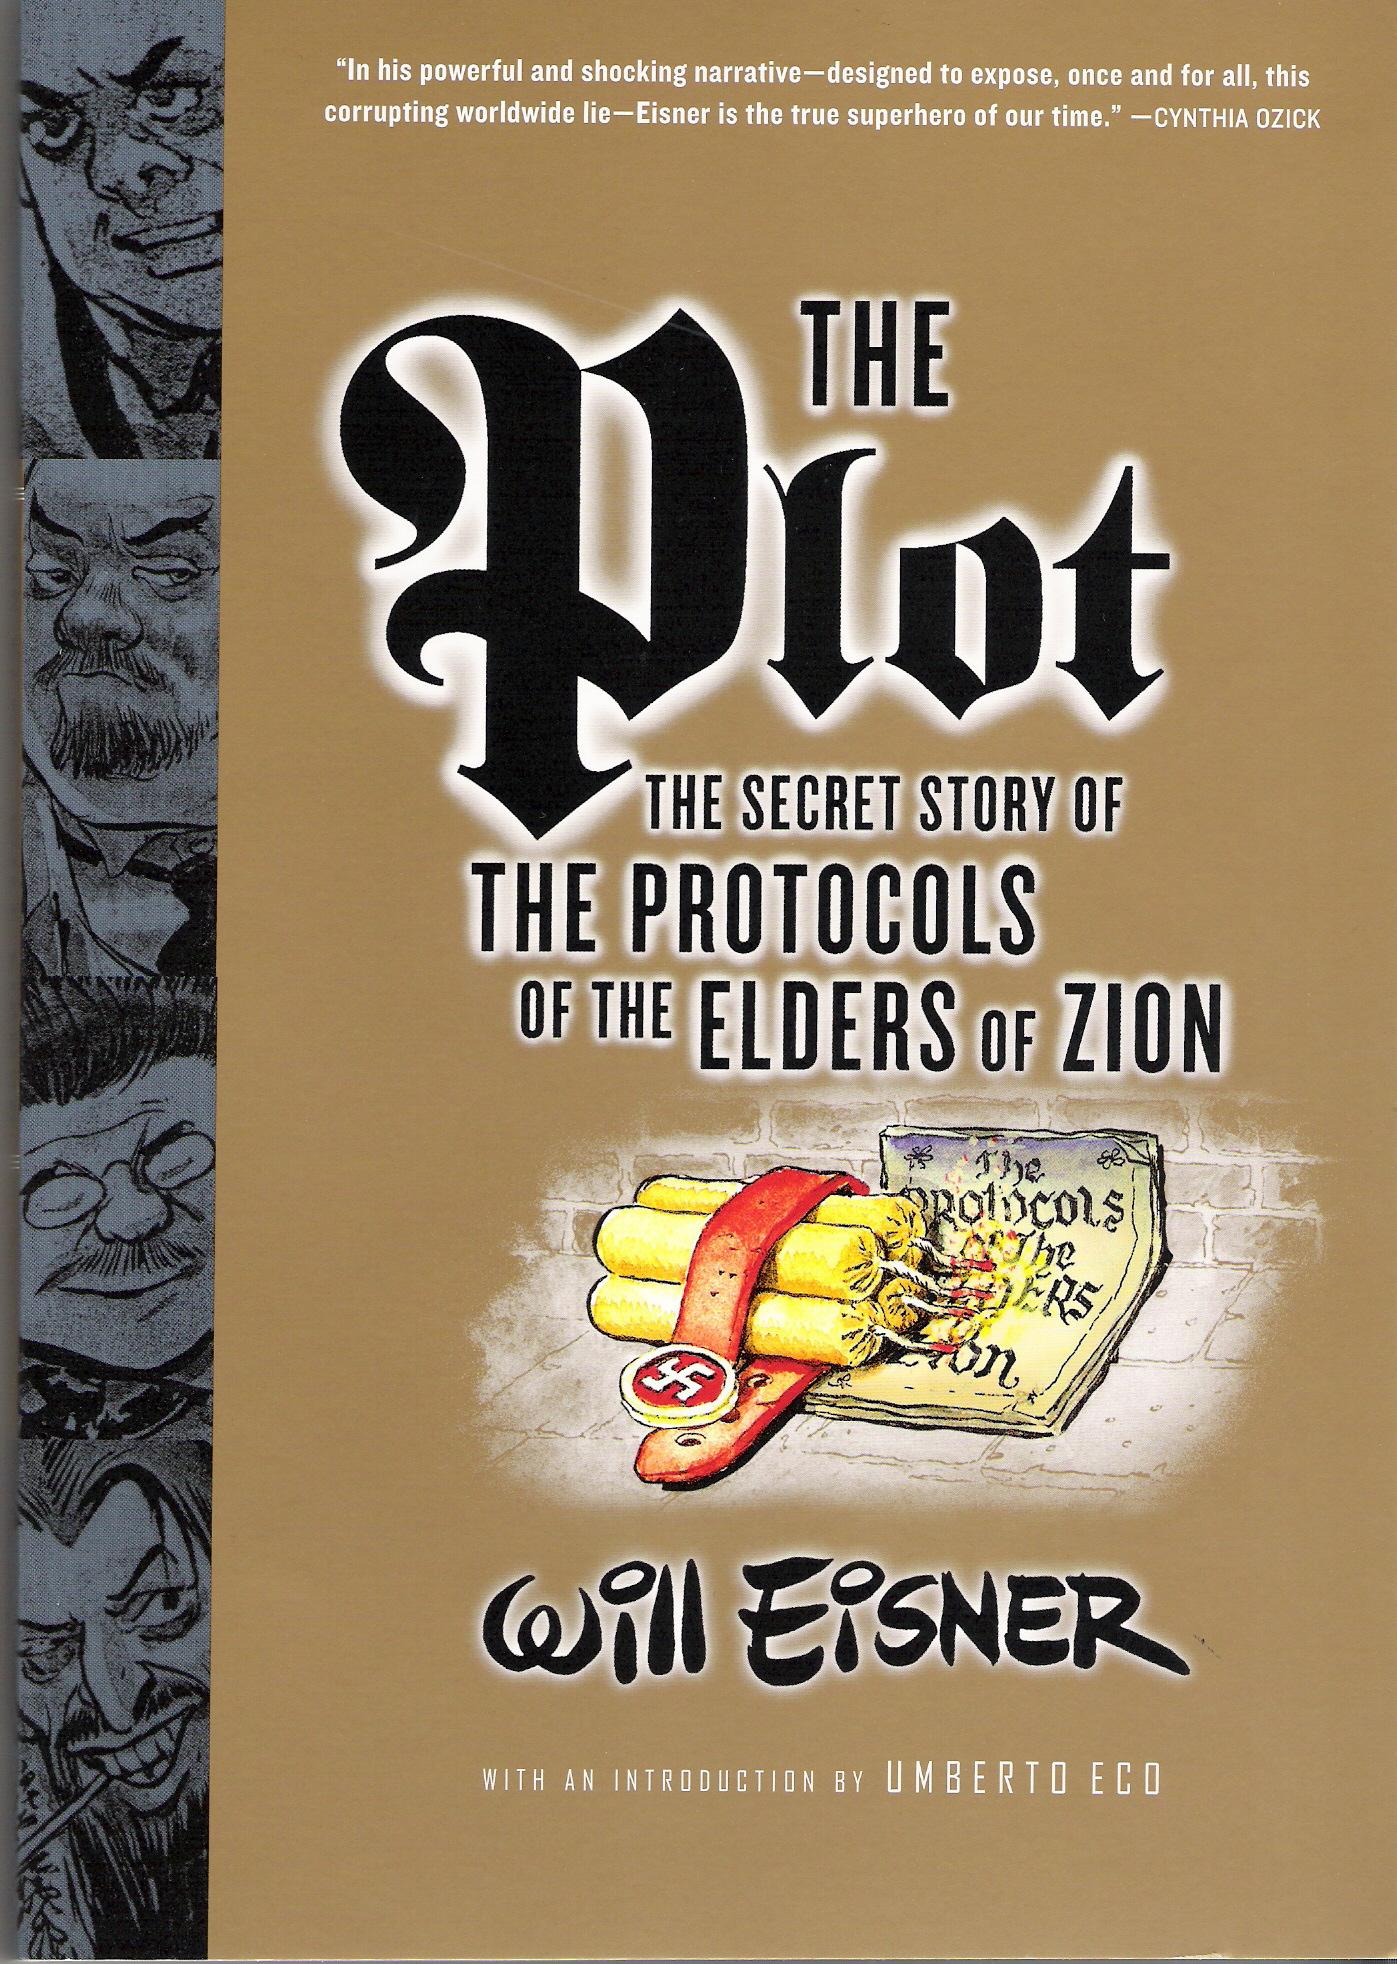 http://www.willeisner.com/the_eisnershpritz/WESI_The_Plot_cover.jpg